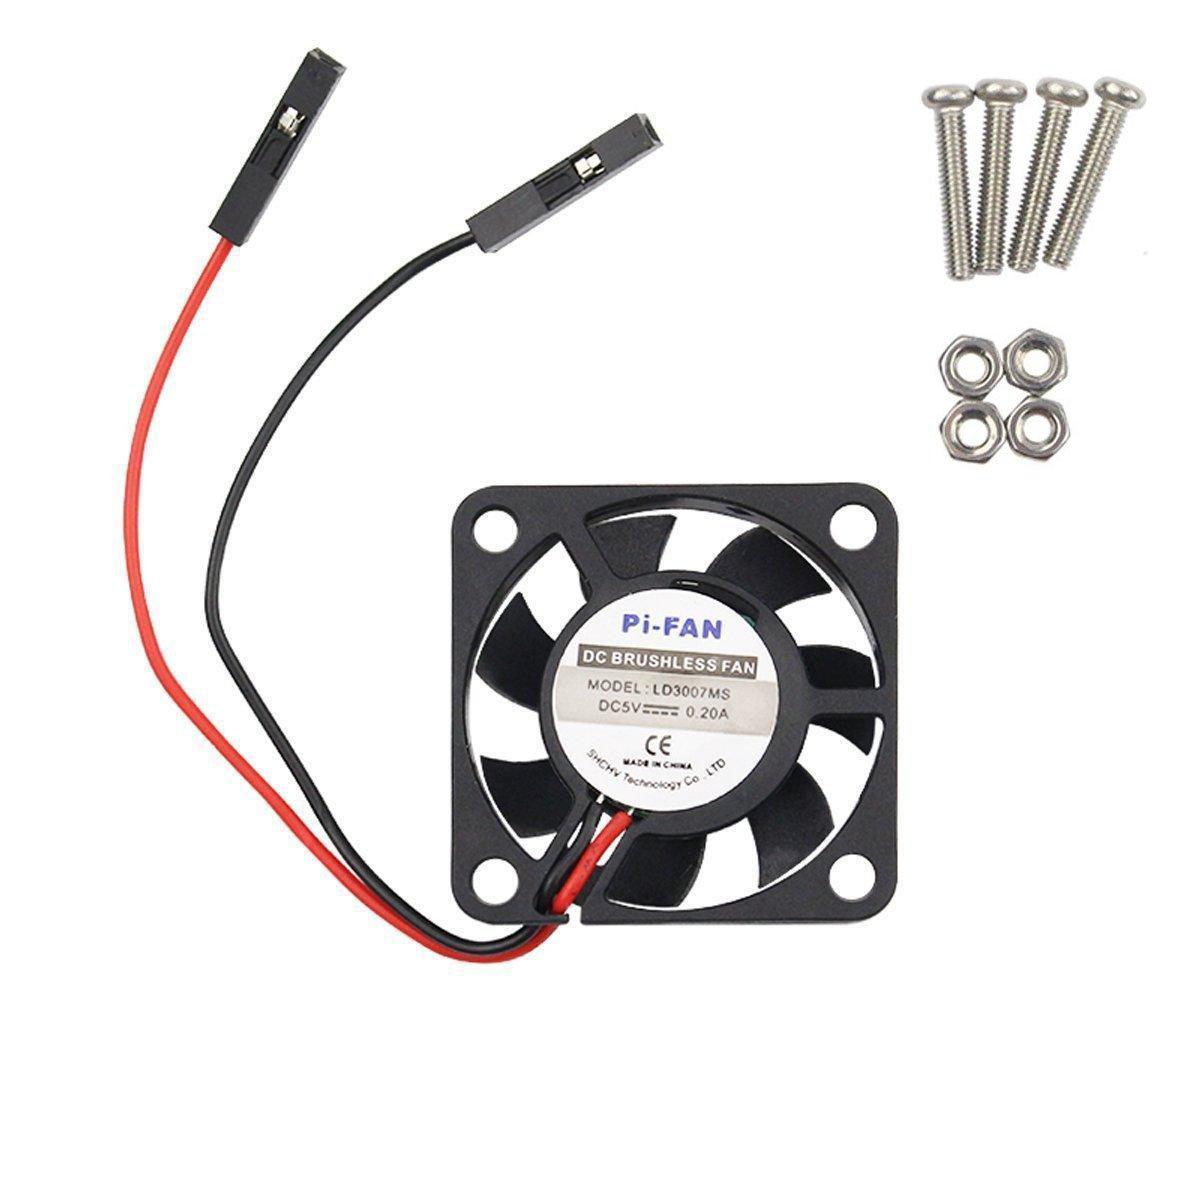 Wingoneer Dc 5v Brushless Cpu Cooling Fan Avec Vis Pour Raspberry Pi